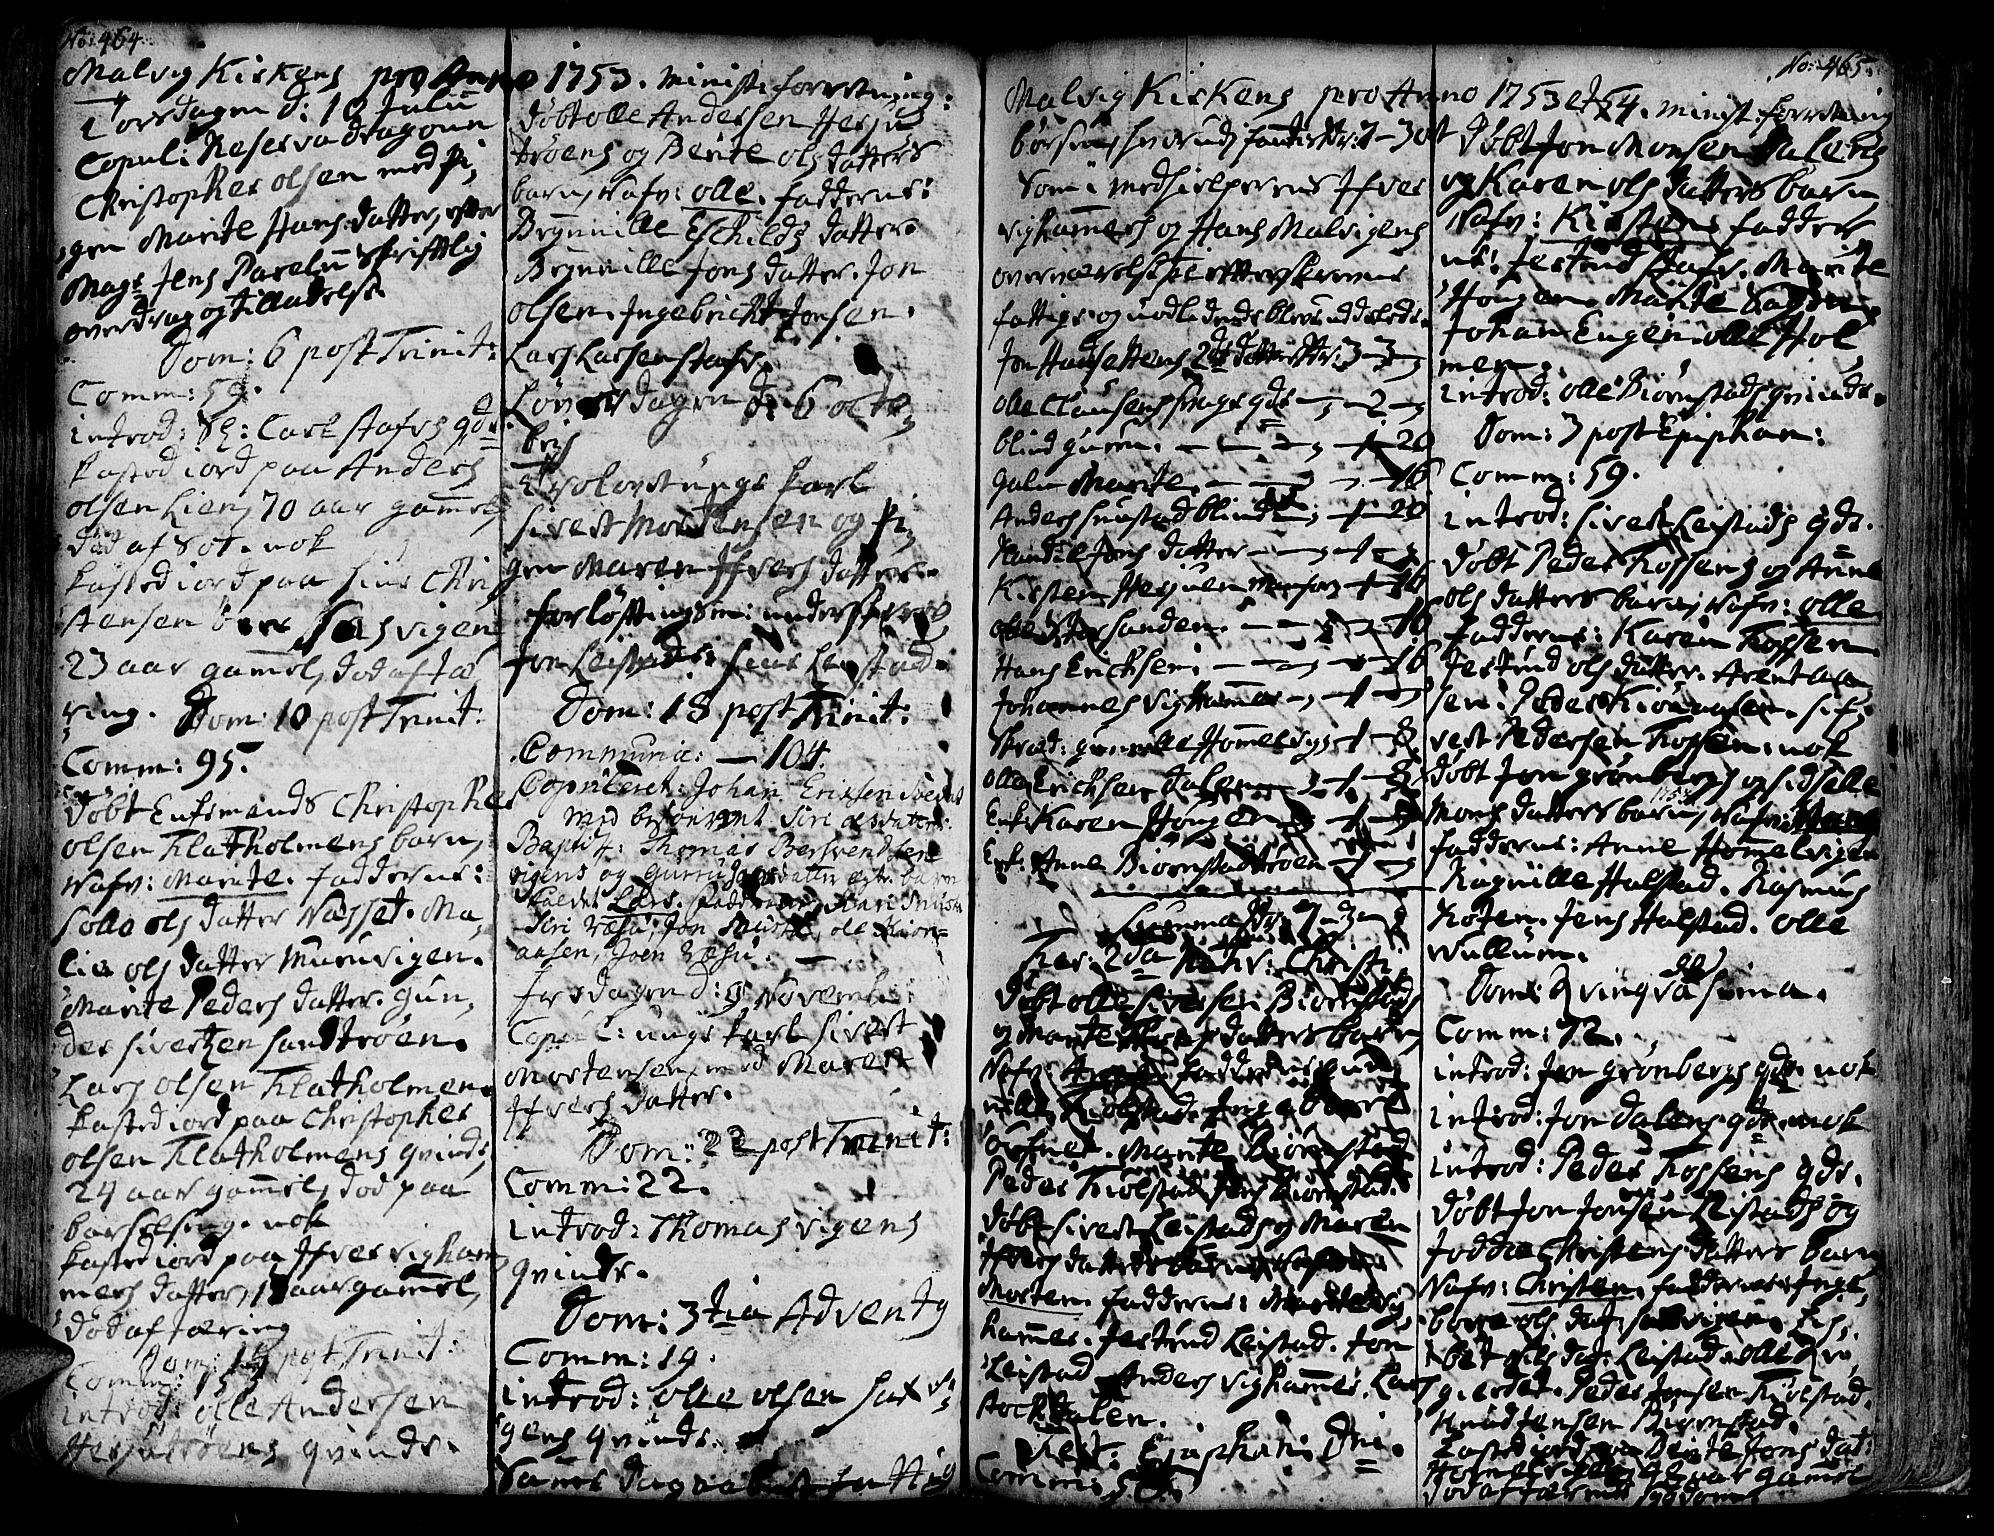 SAT, Ministerialprotokoller, klokkerbøker og fødselsregistre - Sør-Trøndelag, 606/L0277: Ministerialbok nr. 606A01 /3, 1727-1780, s. 464-465